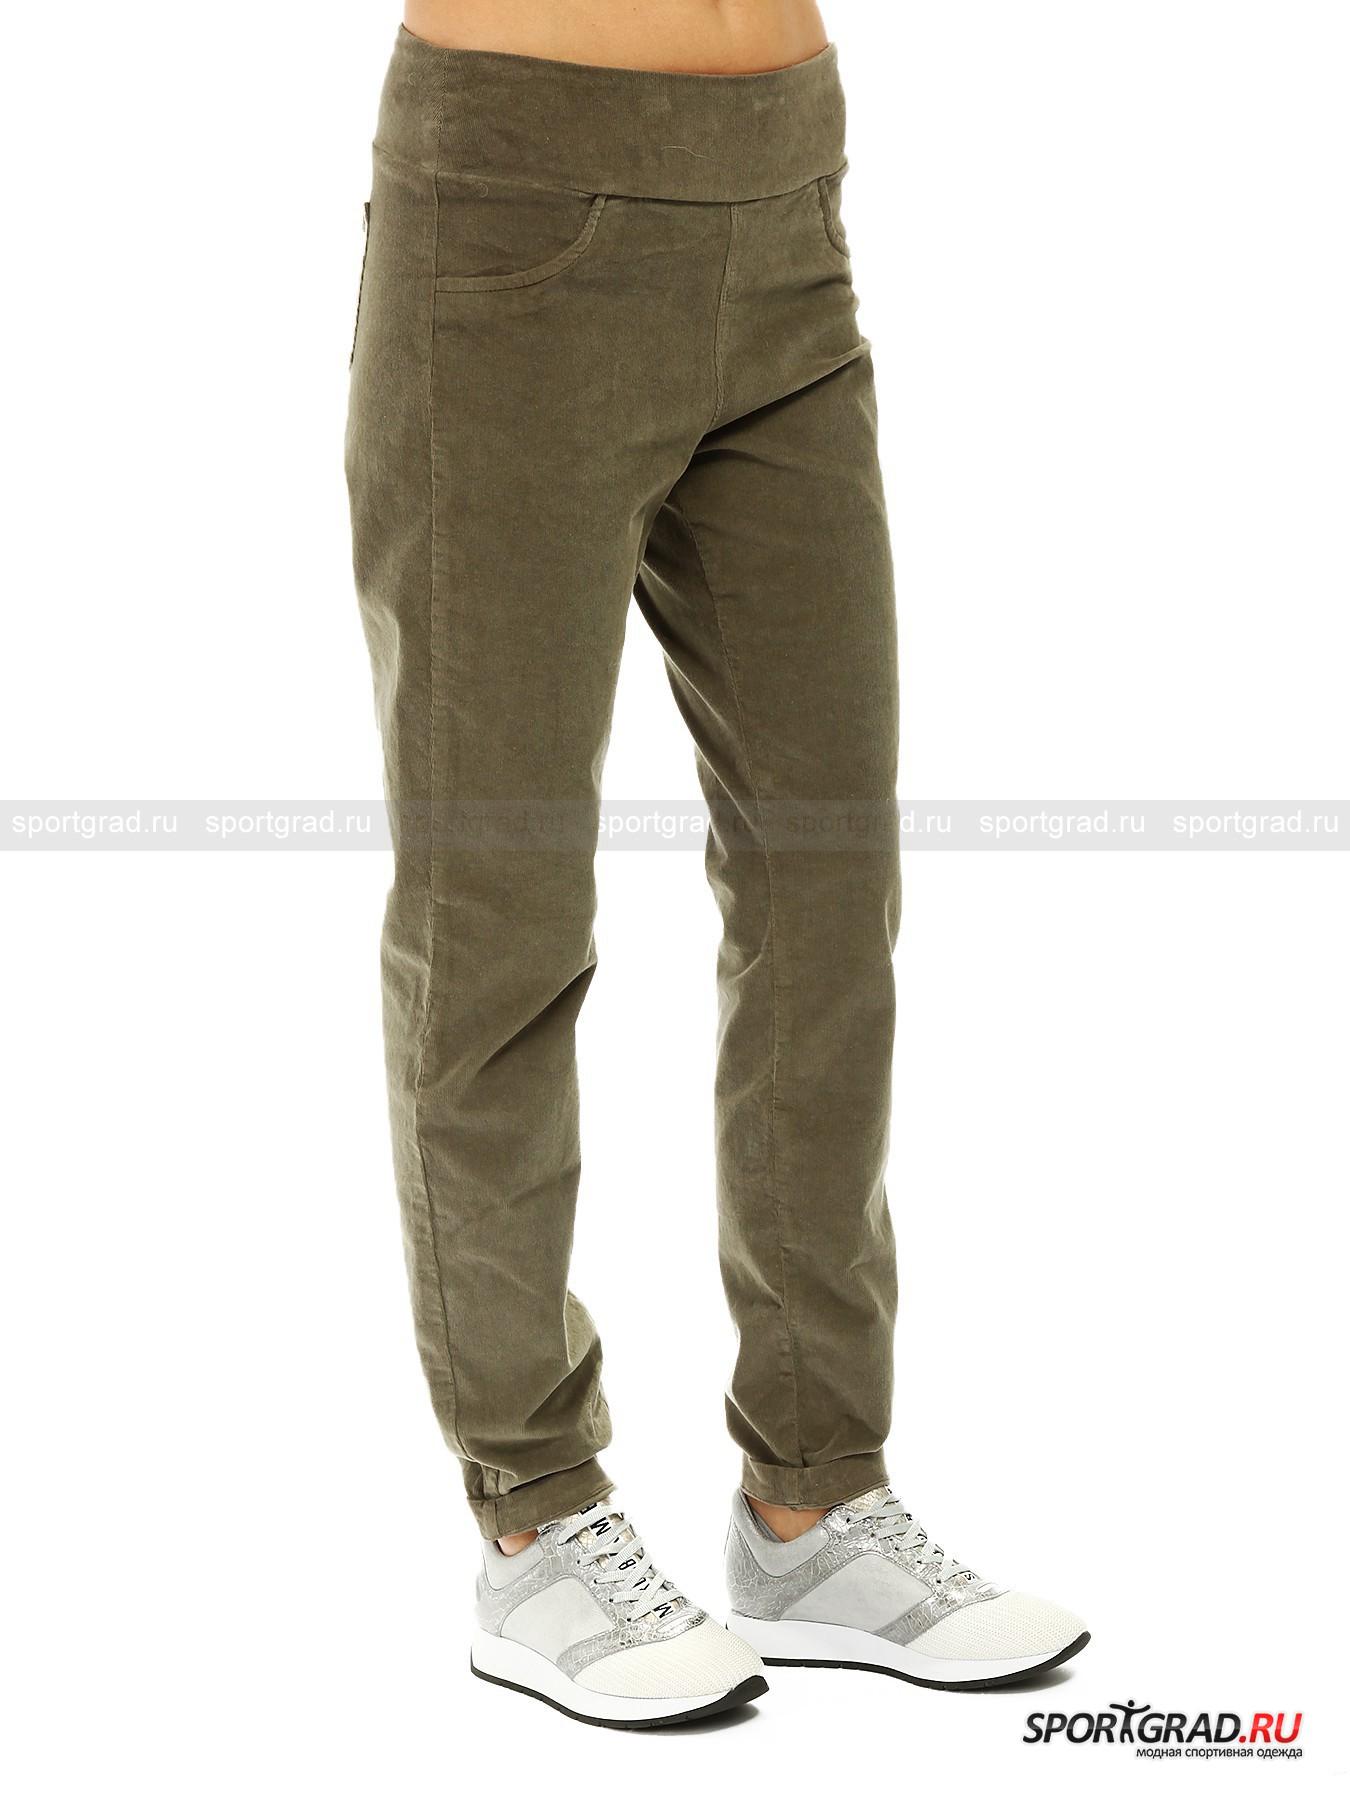 Вельветовые брюки мужские купить